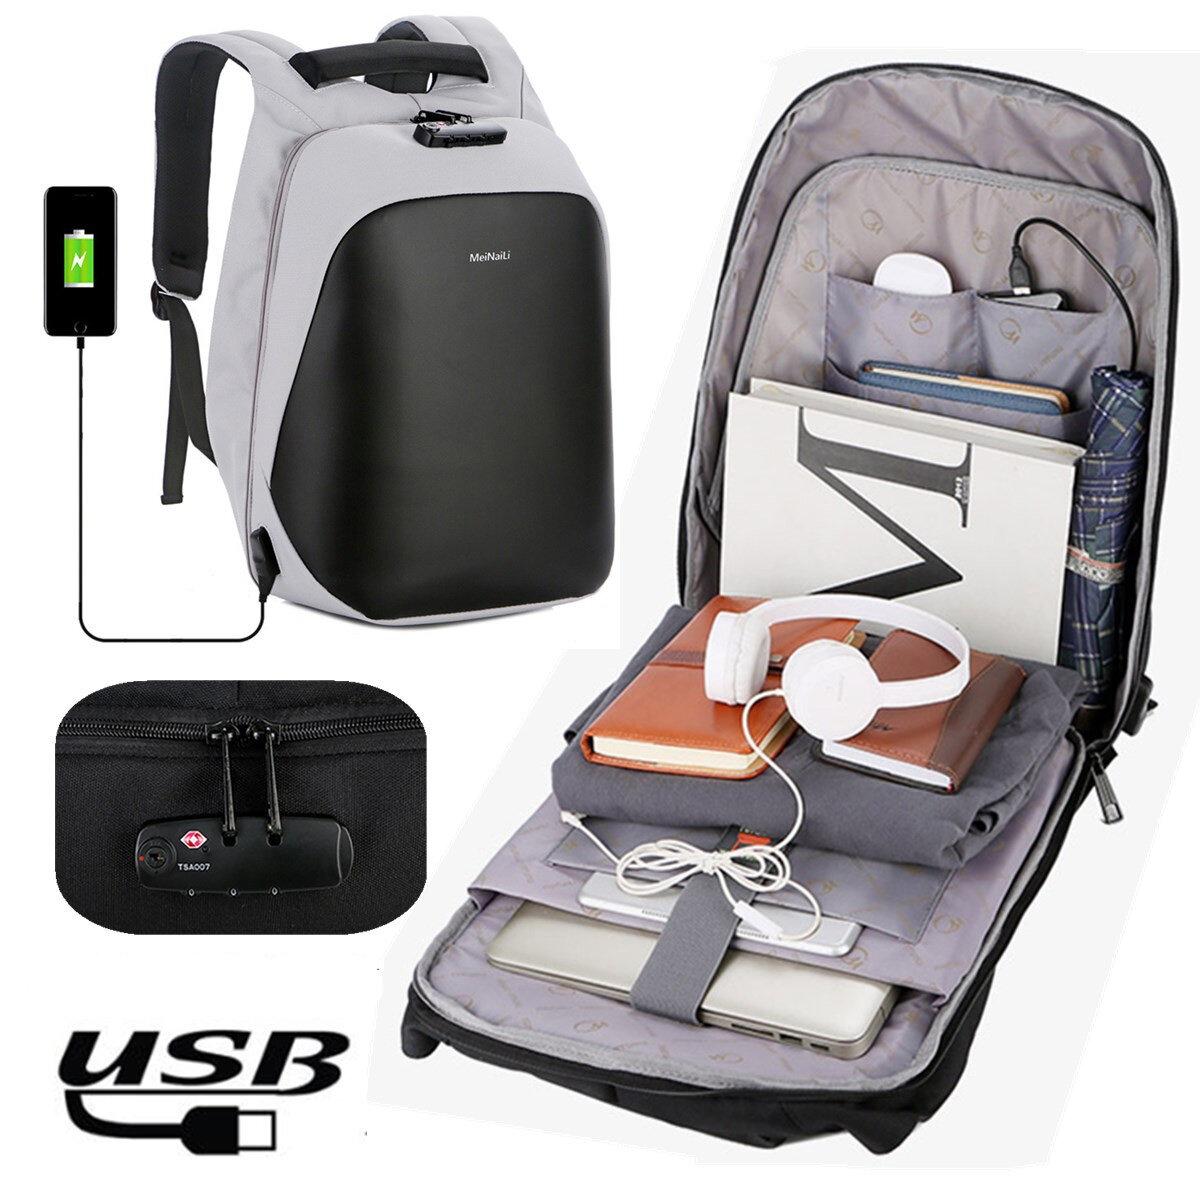 Anti Theft Code Lock Laptop Ryggsekk Reise Bag Med USB Ladestasjon For Laptop Notebook Tablet PC Under 15,6 Tommer